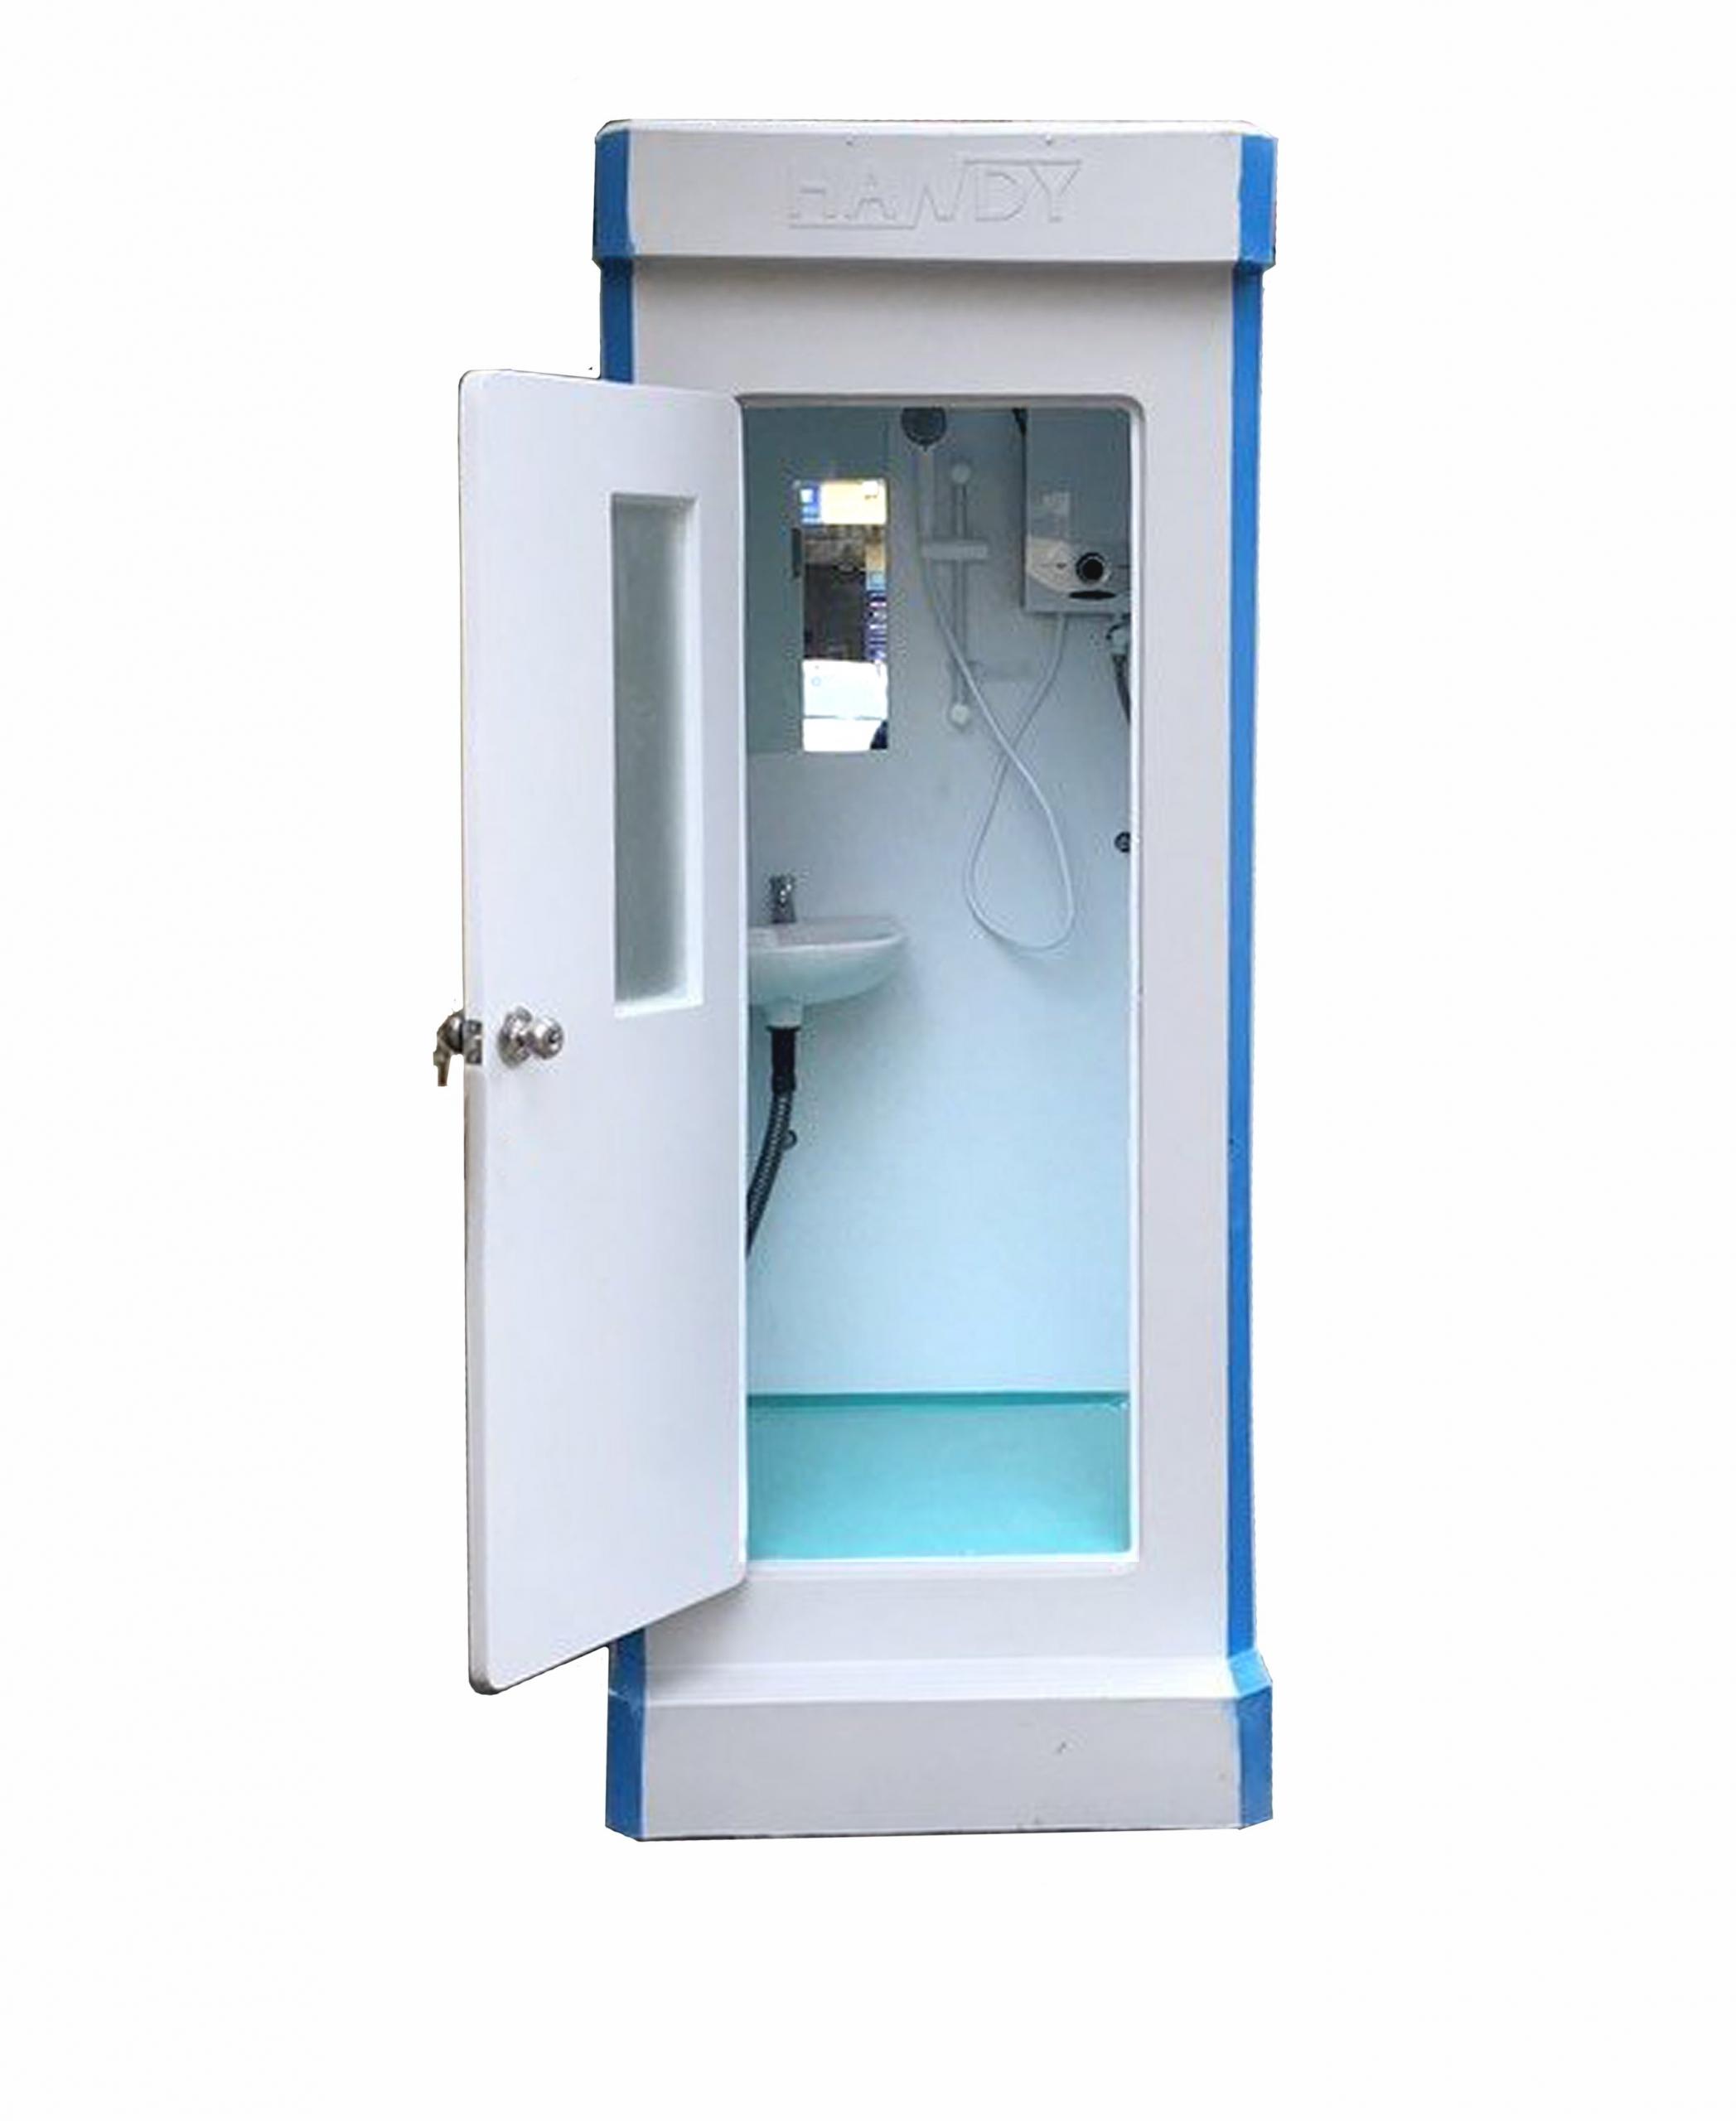 Cabin nhà tắm di động Handy H17.2S